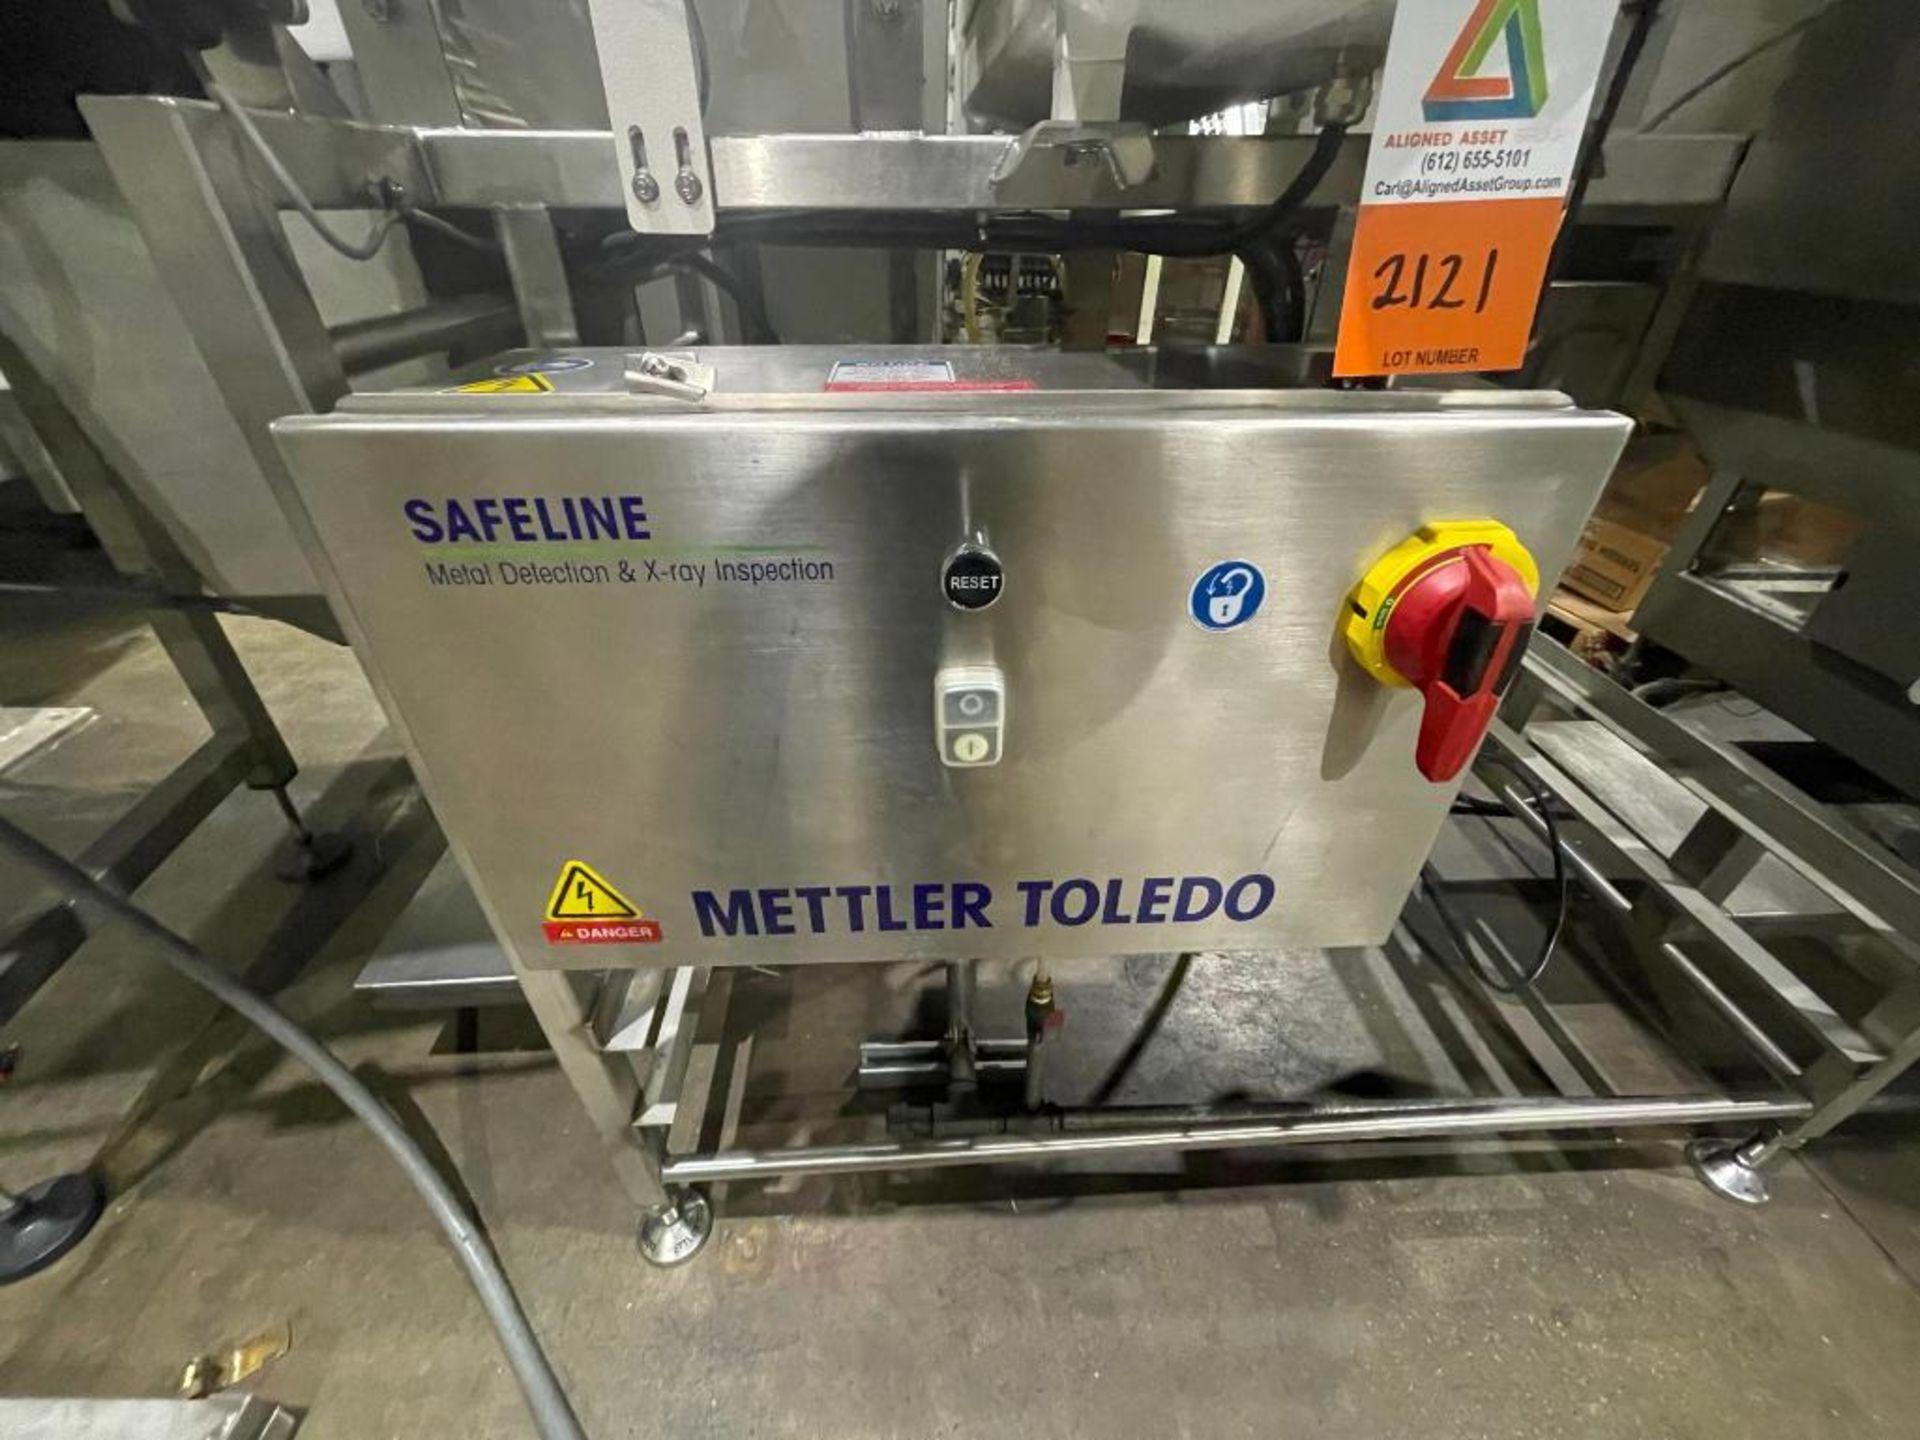 2016 Mettler Toledo metal detector, model SL1500 - Image 2 of 16